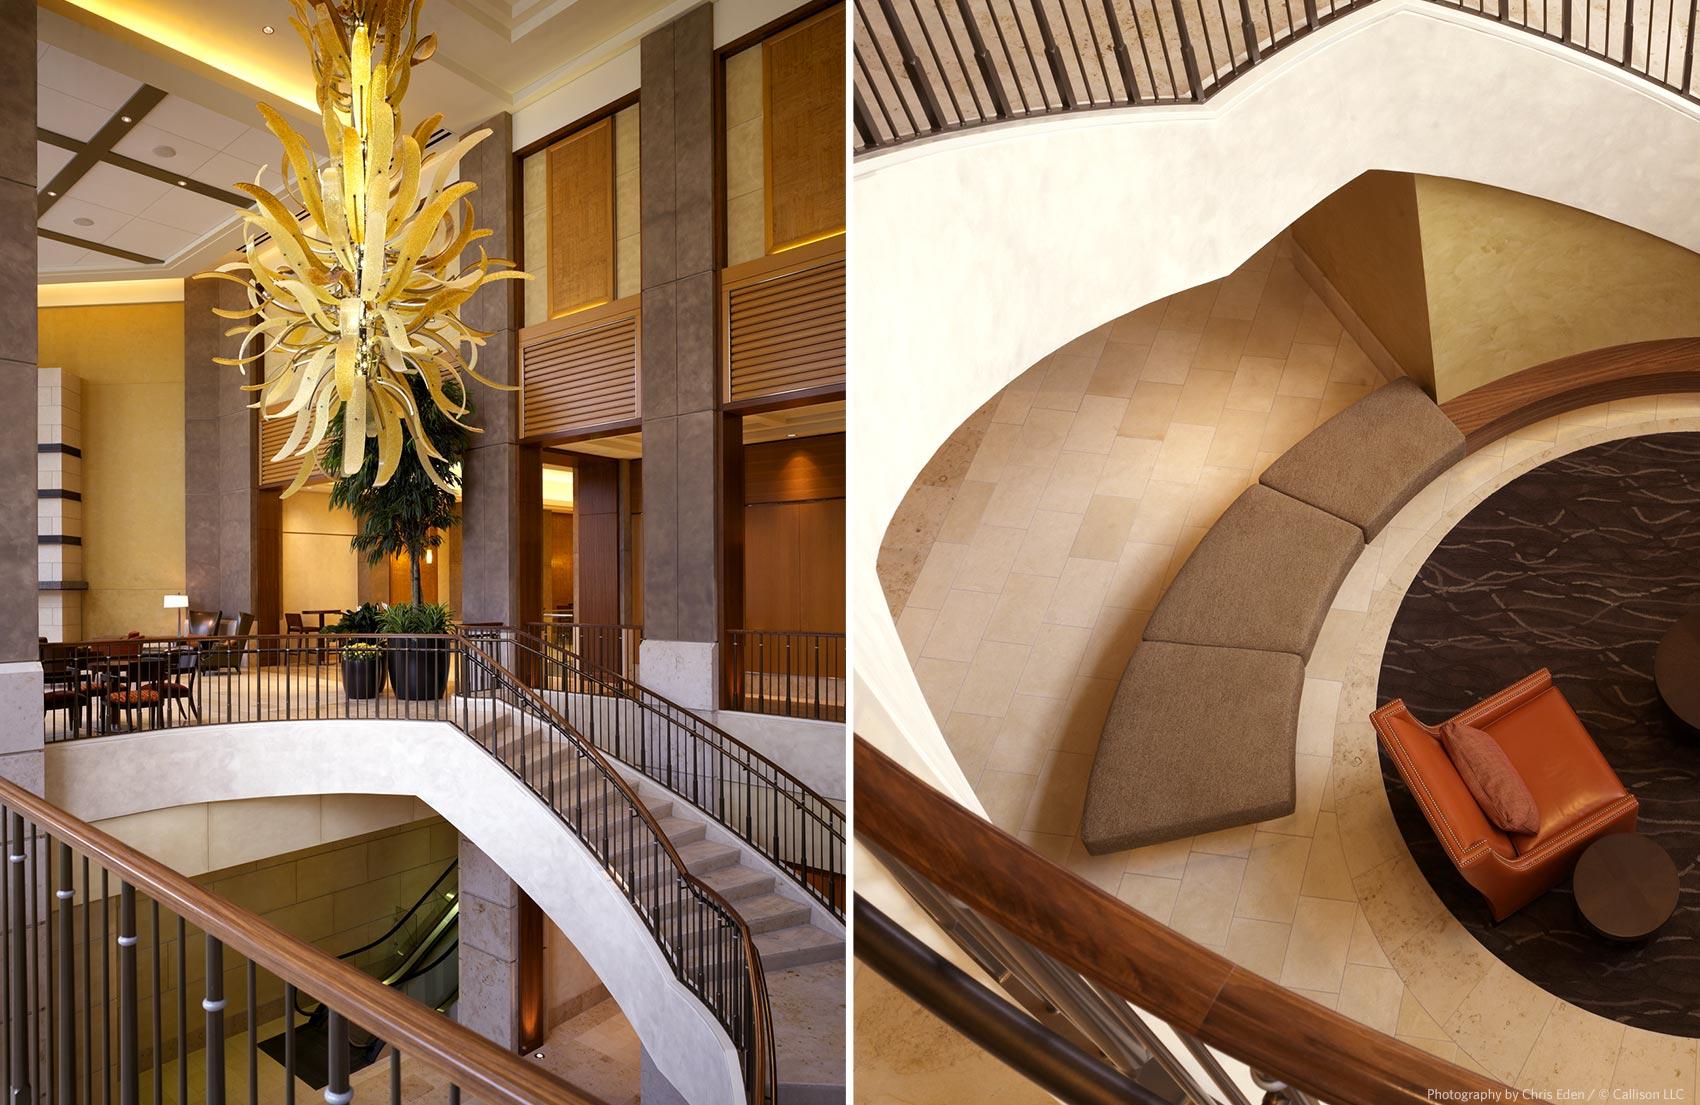 The Bravern, Bellevue, WA - Stair details - design elements